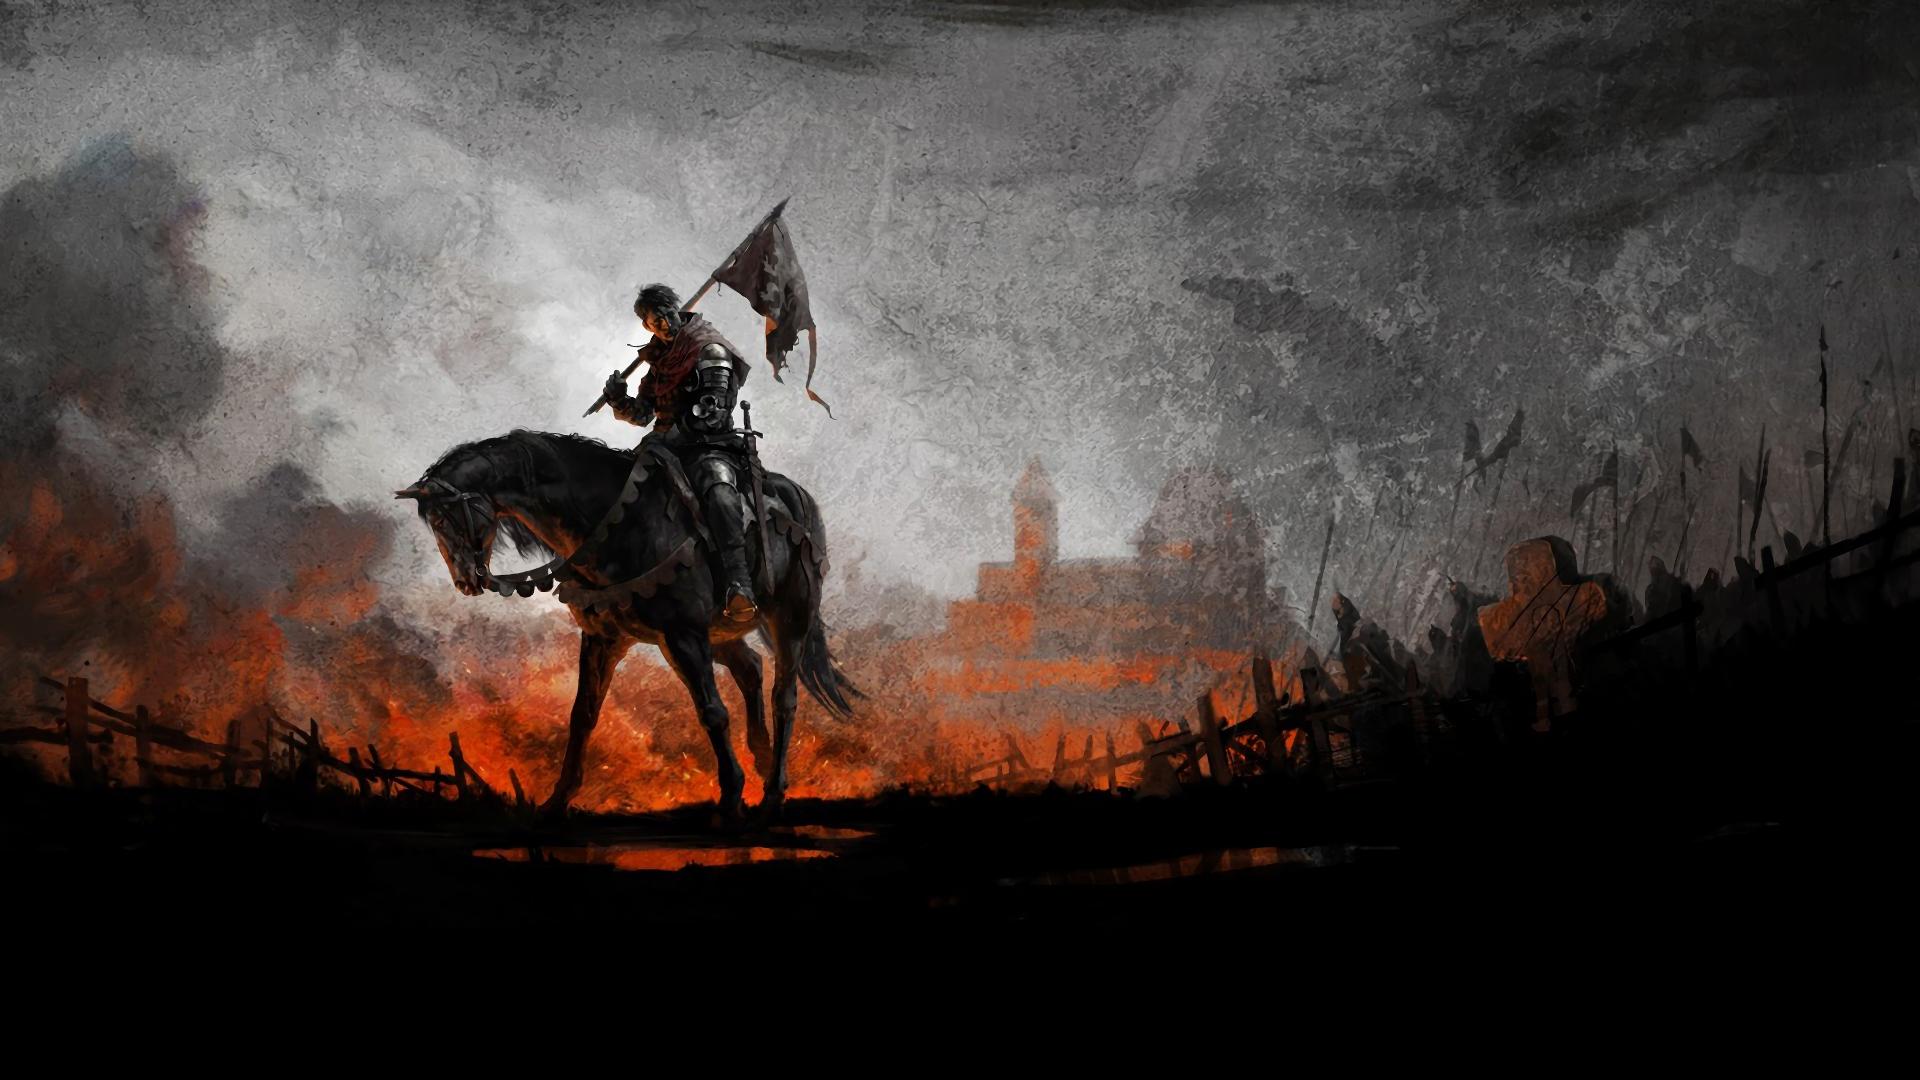 Kingdom Come Deliverance 4K 8K HD Wallpaper 1920x1080